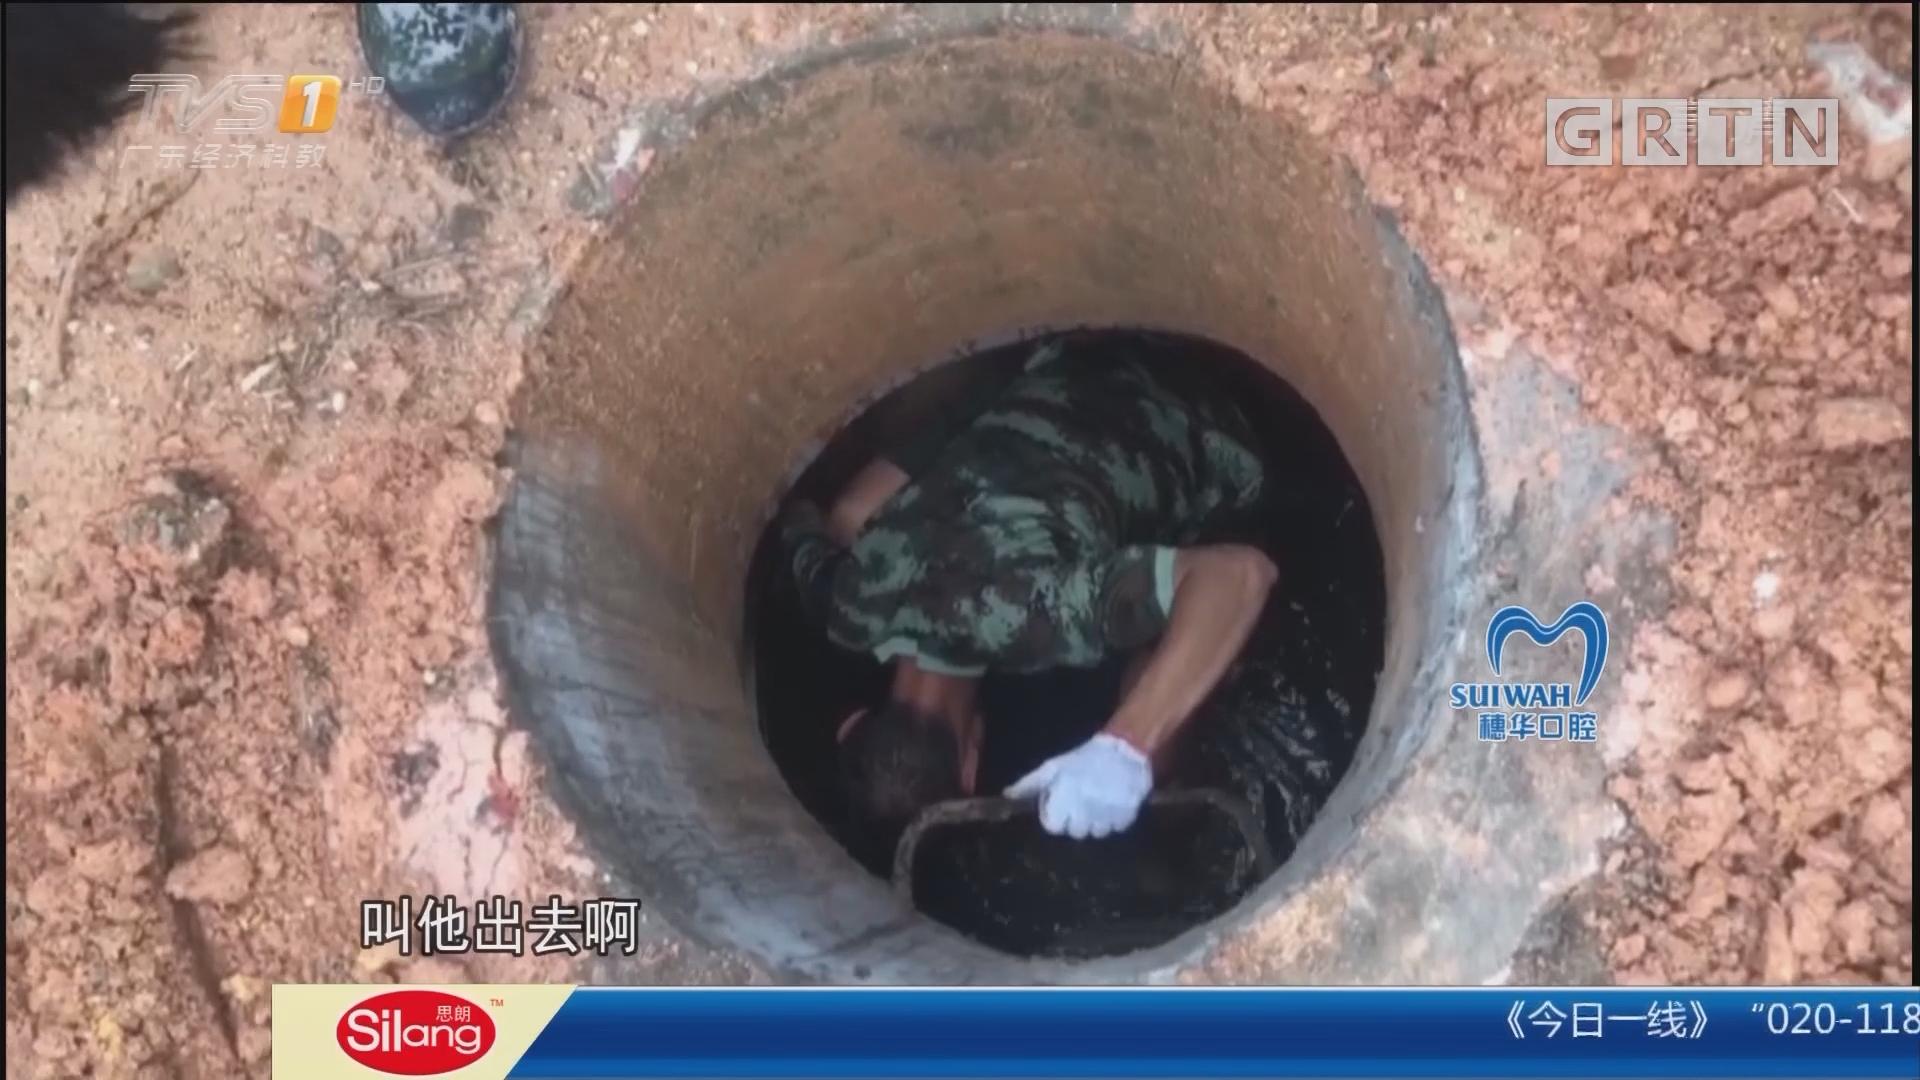 东莞:男子与老板起争执 伤人后躲进排污渠